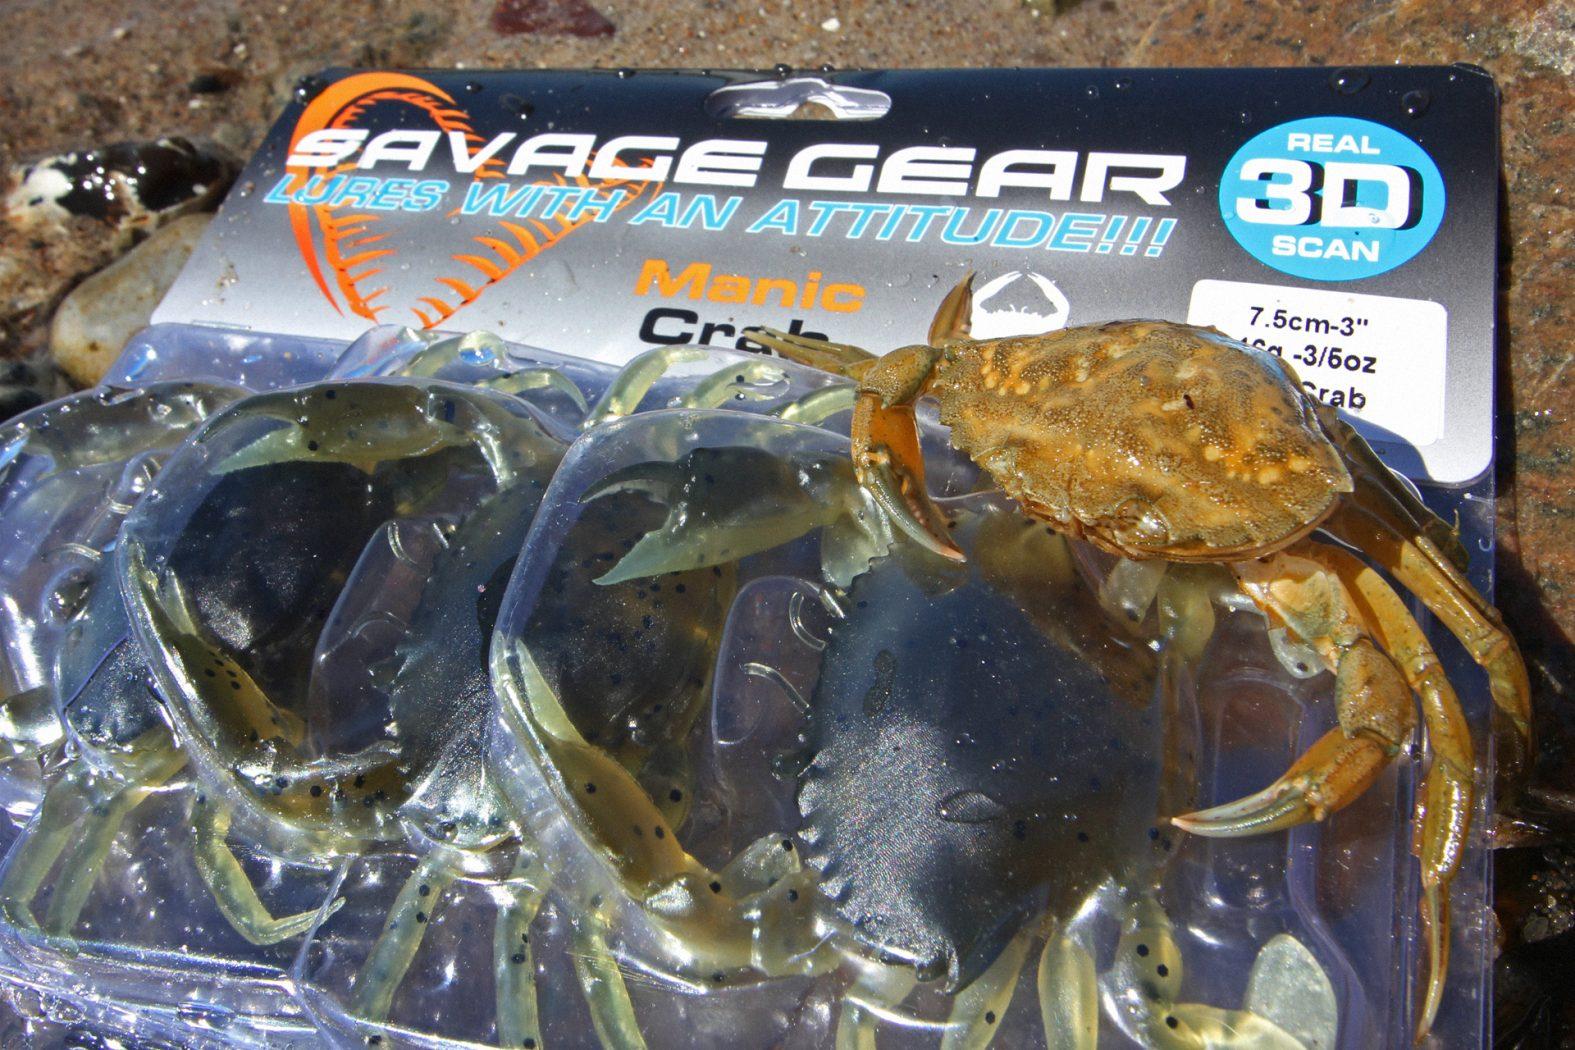 Savage Gear 3D Manic Crab als Dorschköder